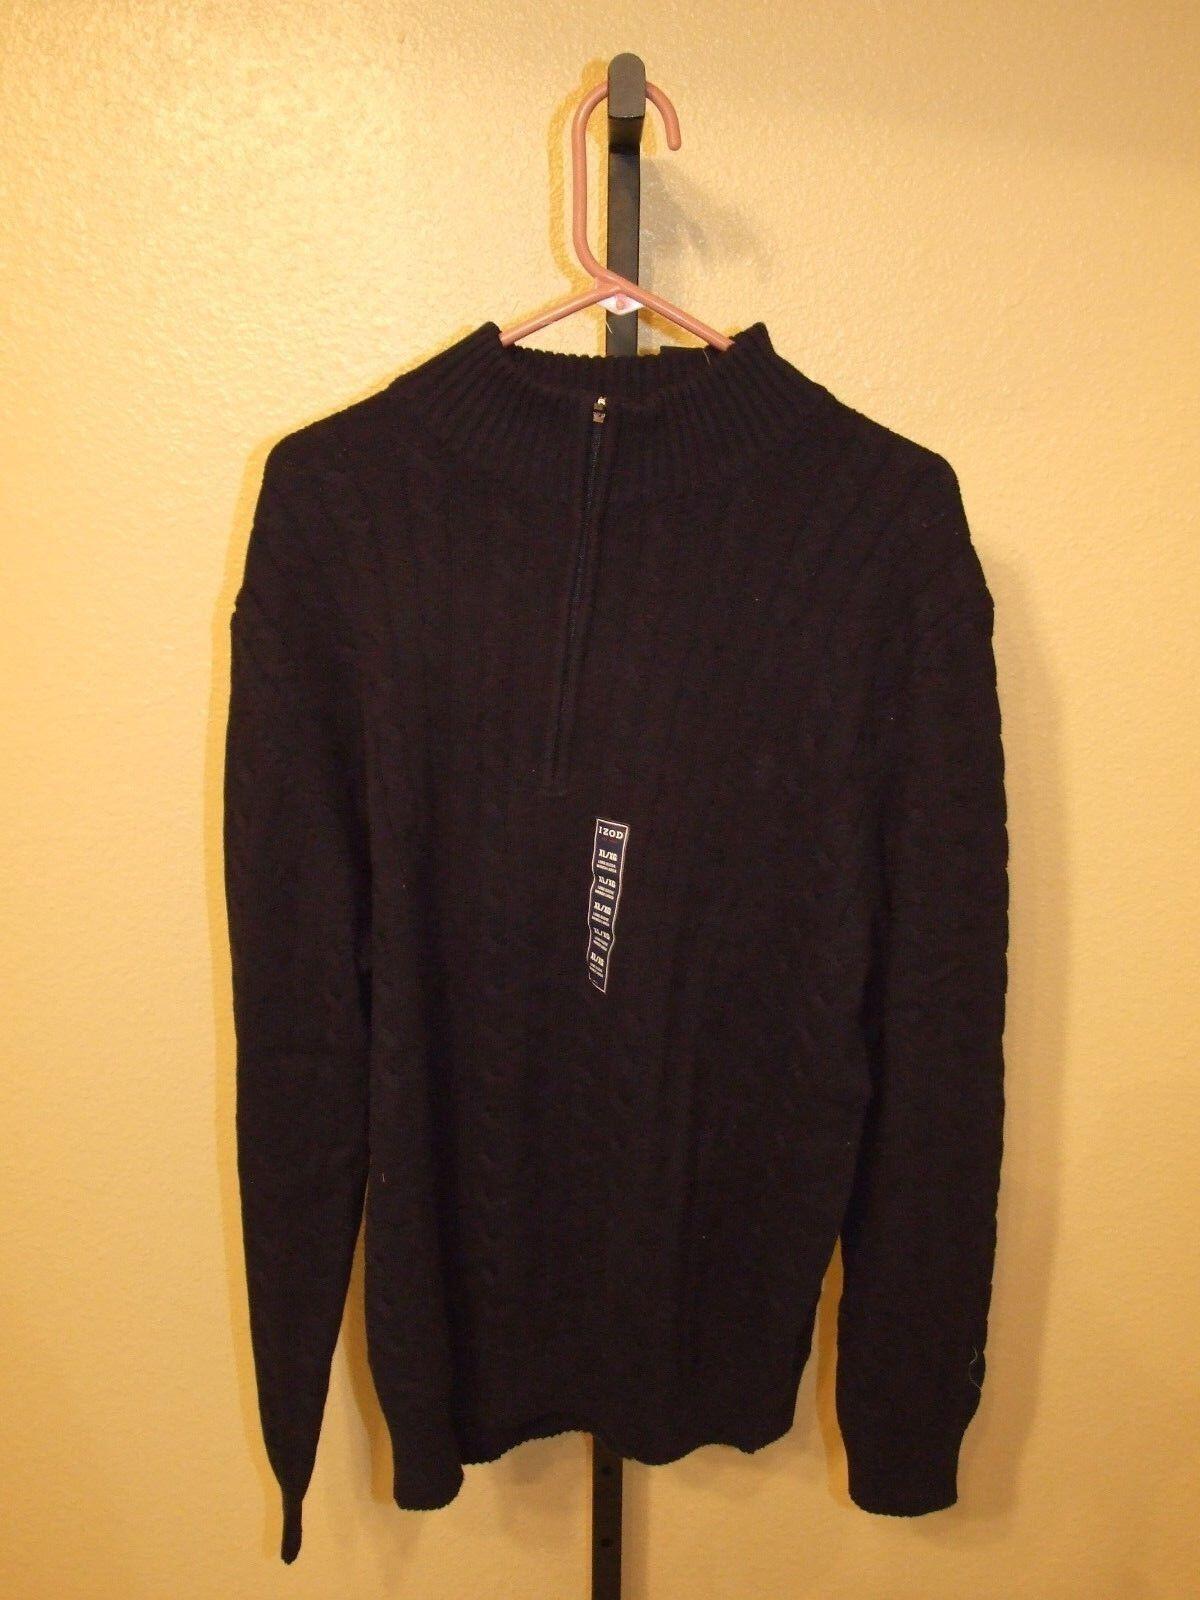 IZOD Mens 1/4 Zip Turtle Neck Sweater Midnight Blue Size M | eBay